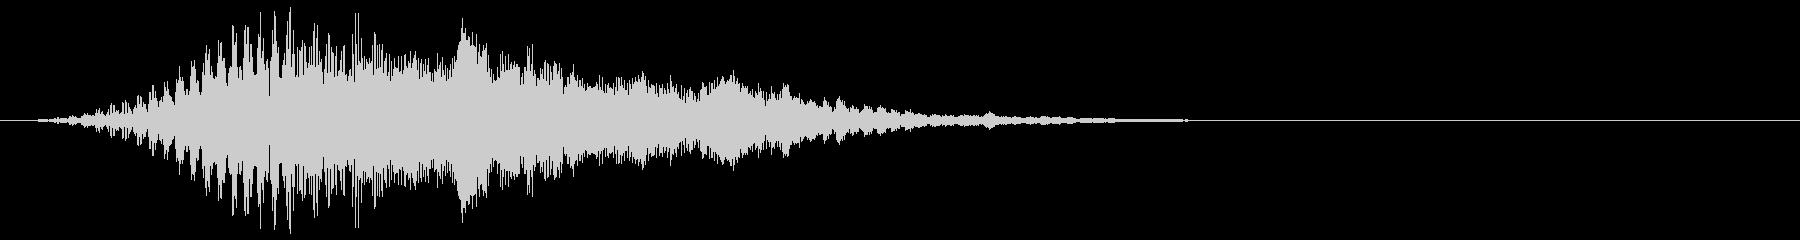 Tremoloによるフィードバック...の未再生の波形